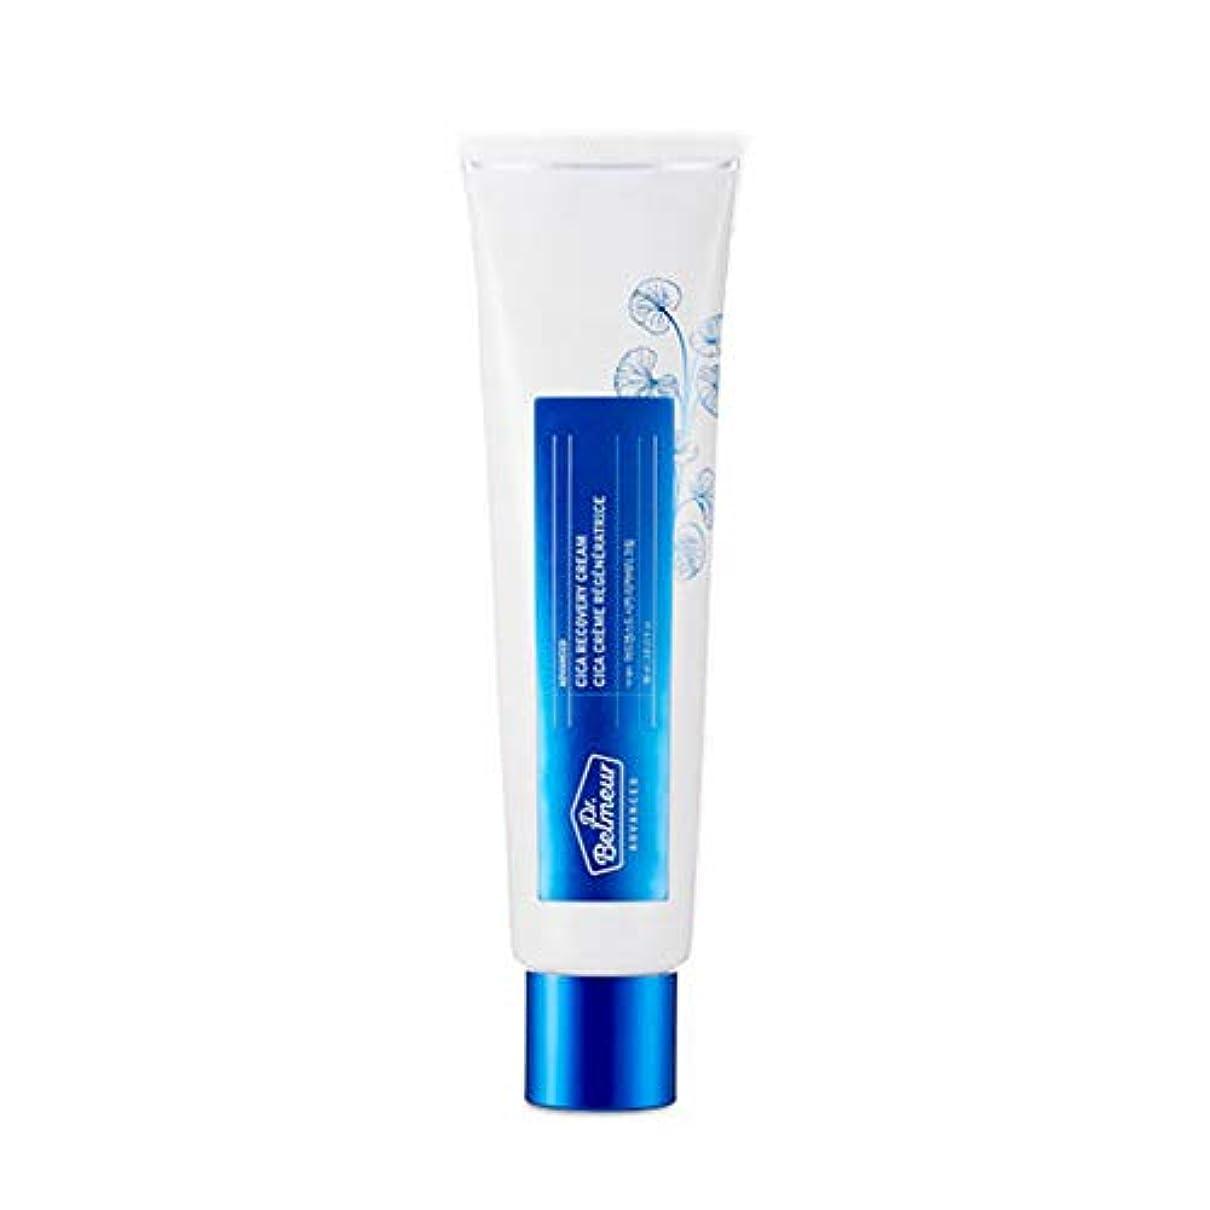 耐えられる税金順番ザ?フェイスショップドクターベルモアドバンスドシカリカバリークリーム60ml 韓国コスメ、The Face Shop Dr.Belmeur Advanced Cica Recovery Cream 60ml Korean Cosmetics [並行輸入品]